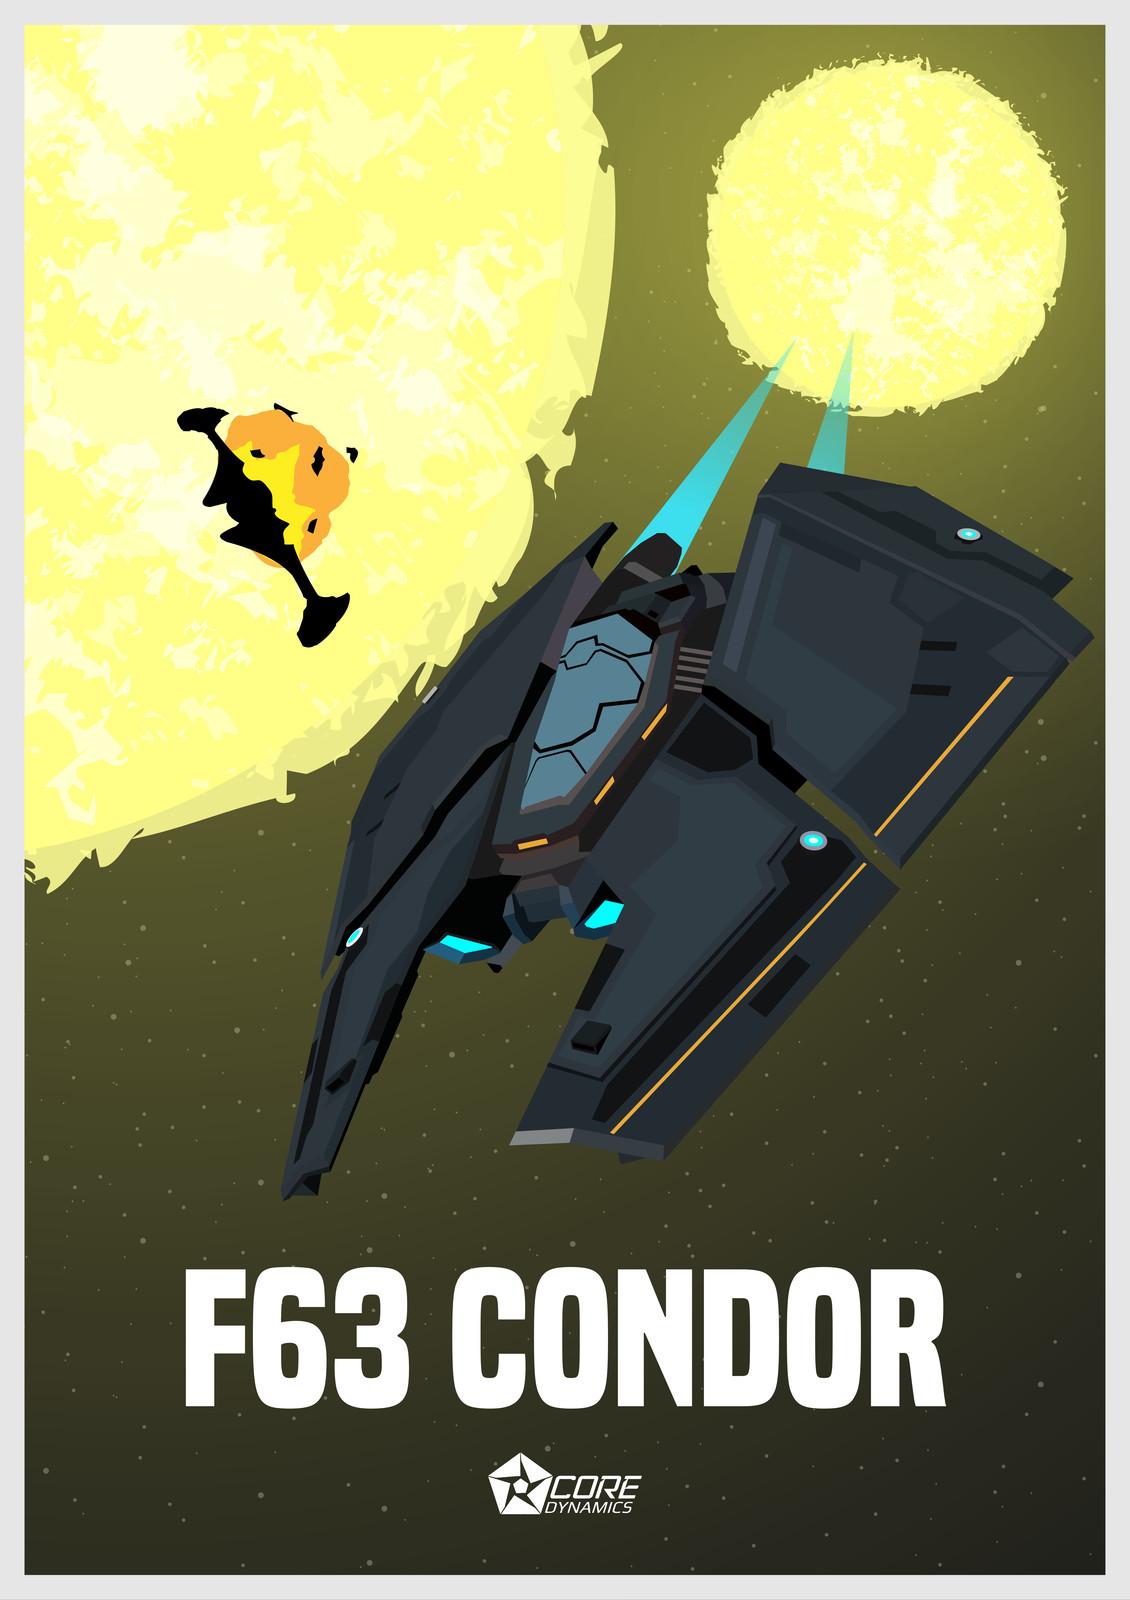 Elite Dangerous - F-63 Condor